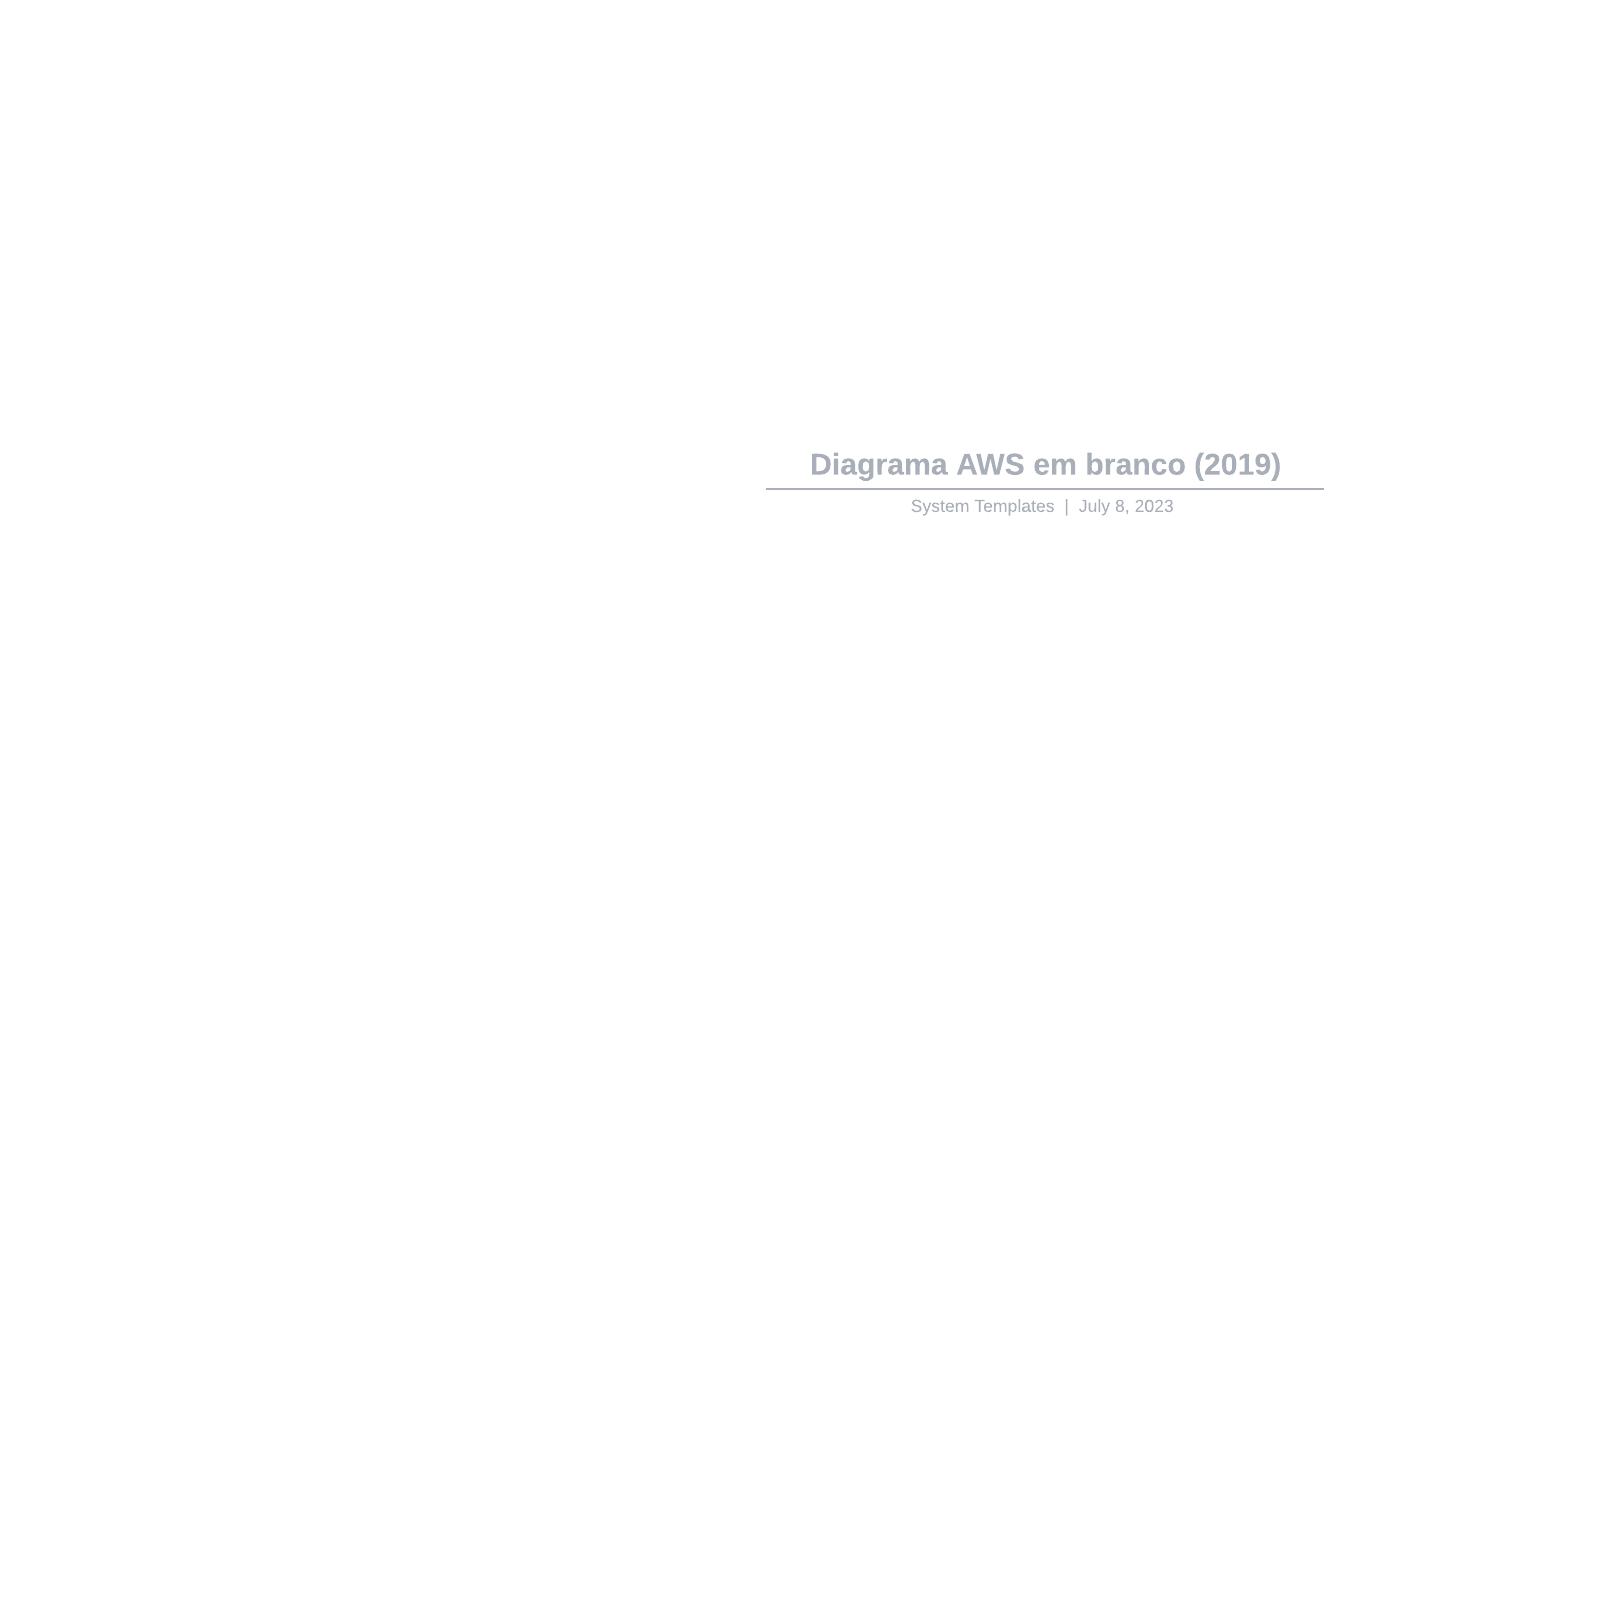 Diagrama AWS em branco (2019)